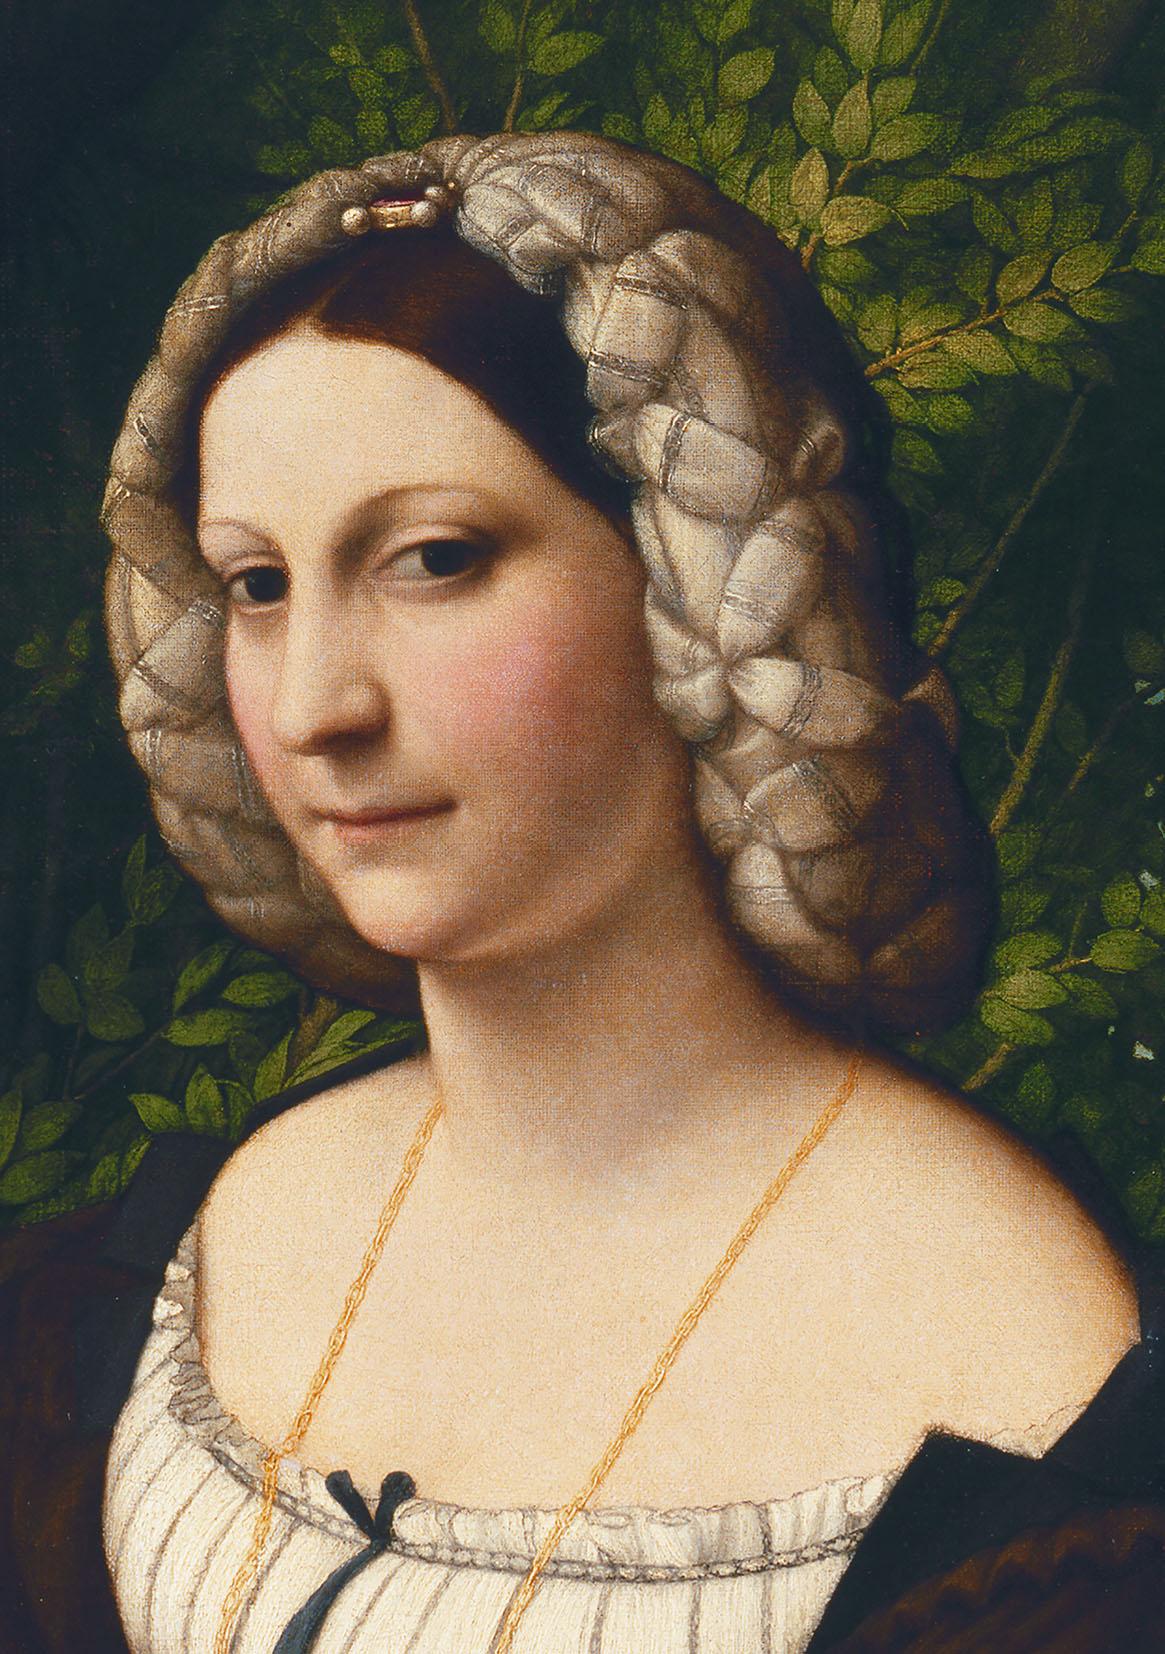 Correggio (Antonio Allegri), Ritratto di giovane donna, dettaglio del volto